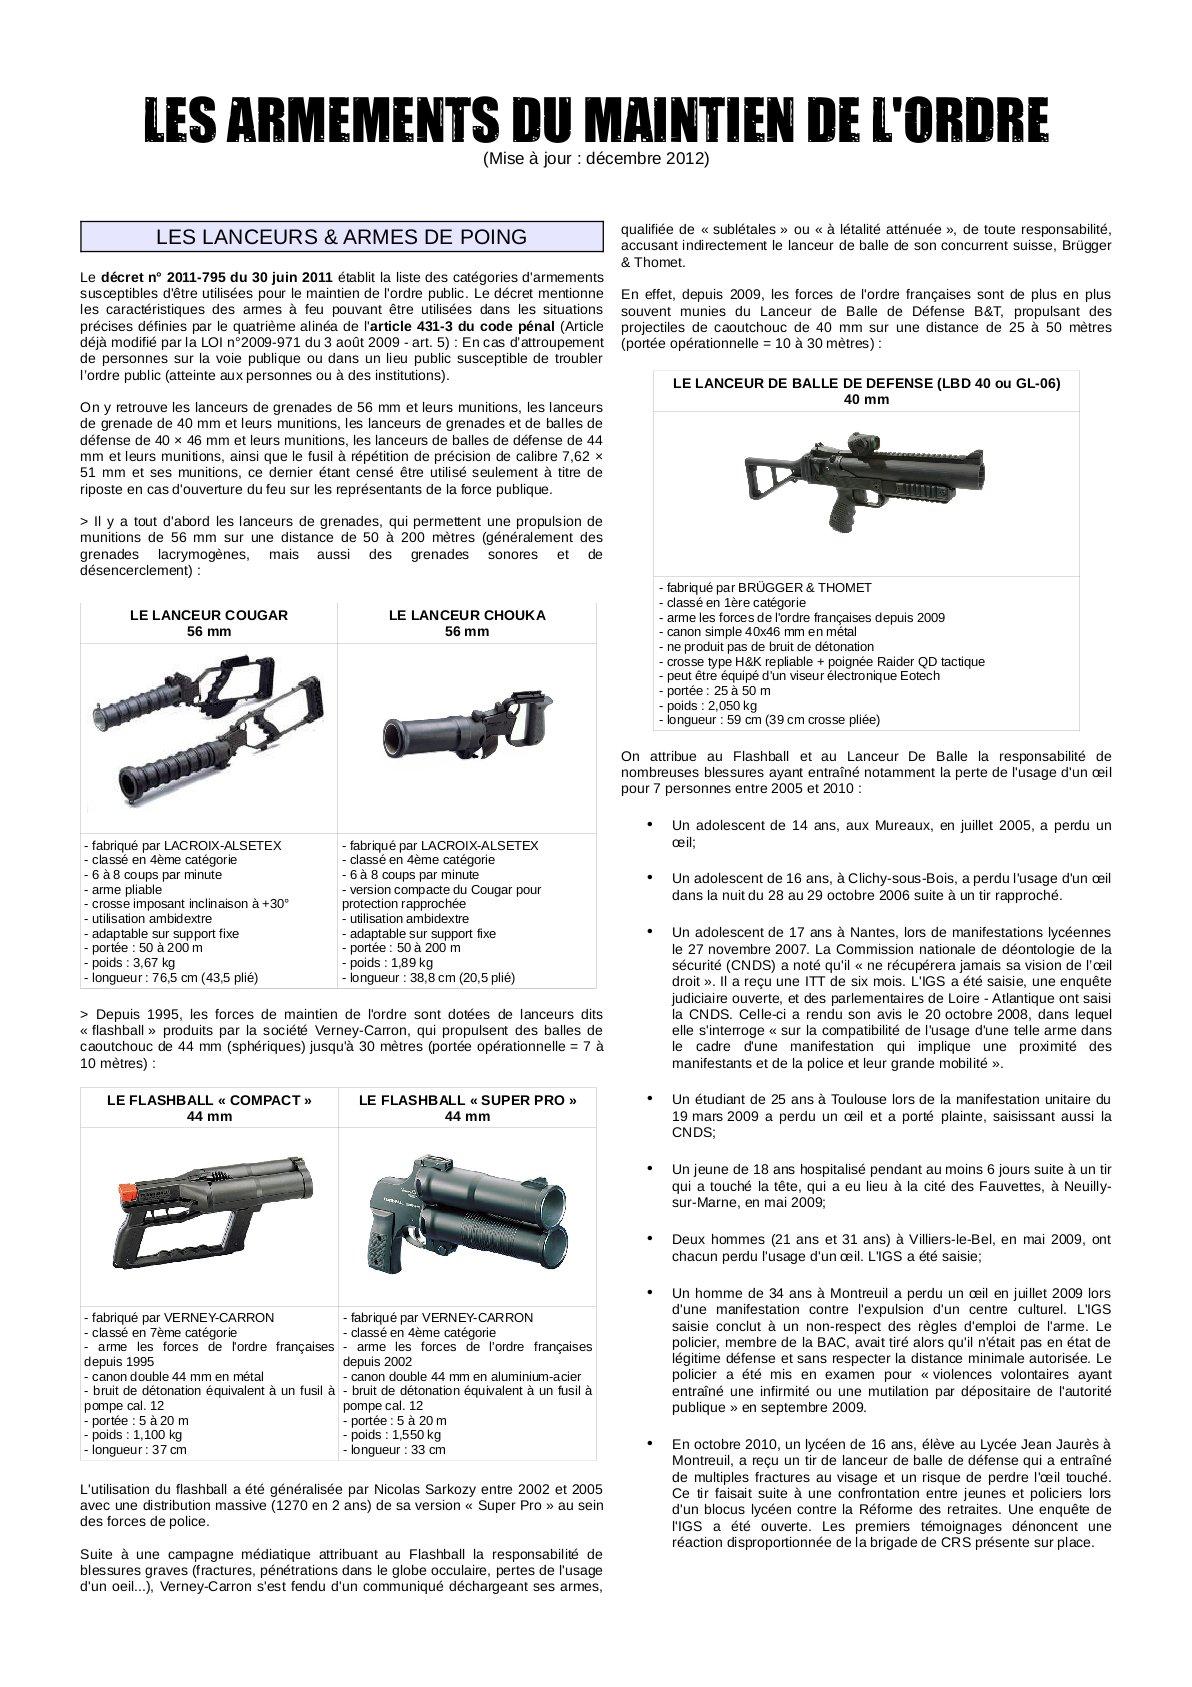 http://juralib.noblogs.org/files/2012/12/0622.jpg